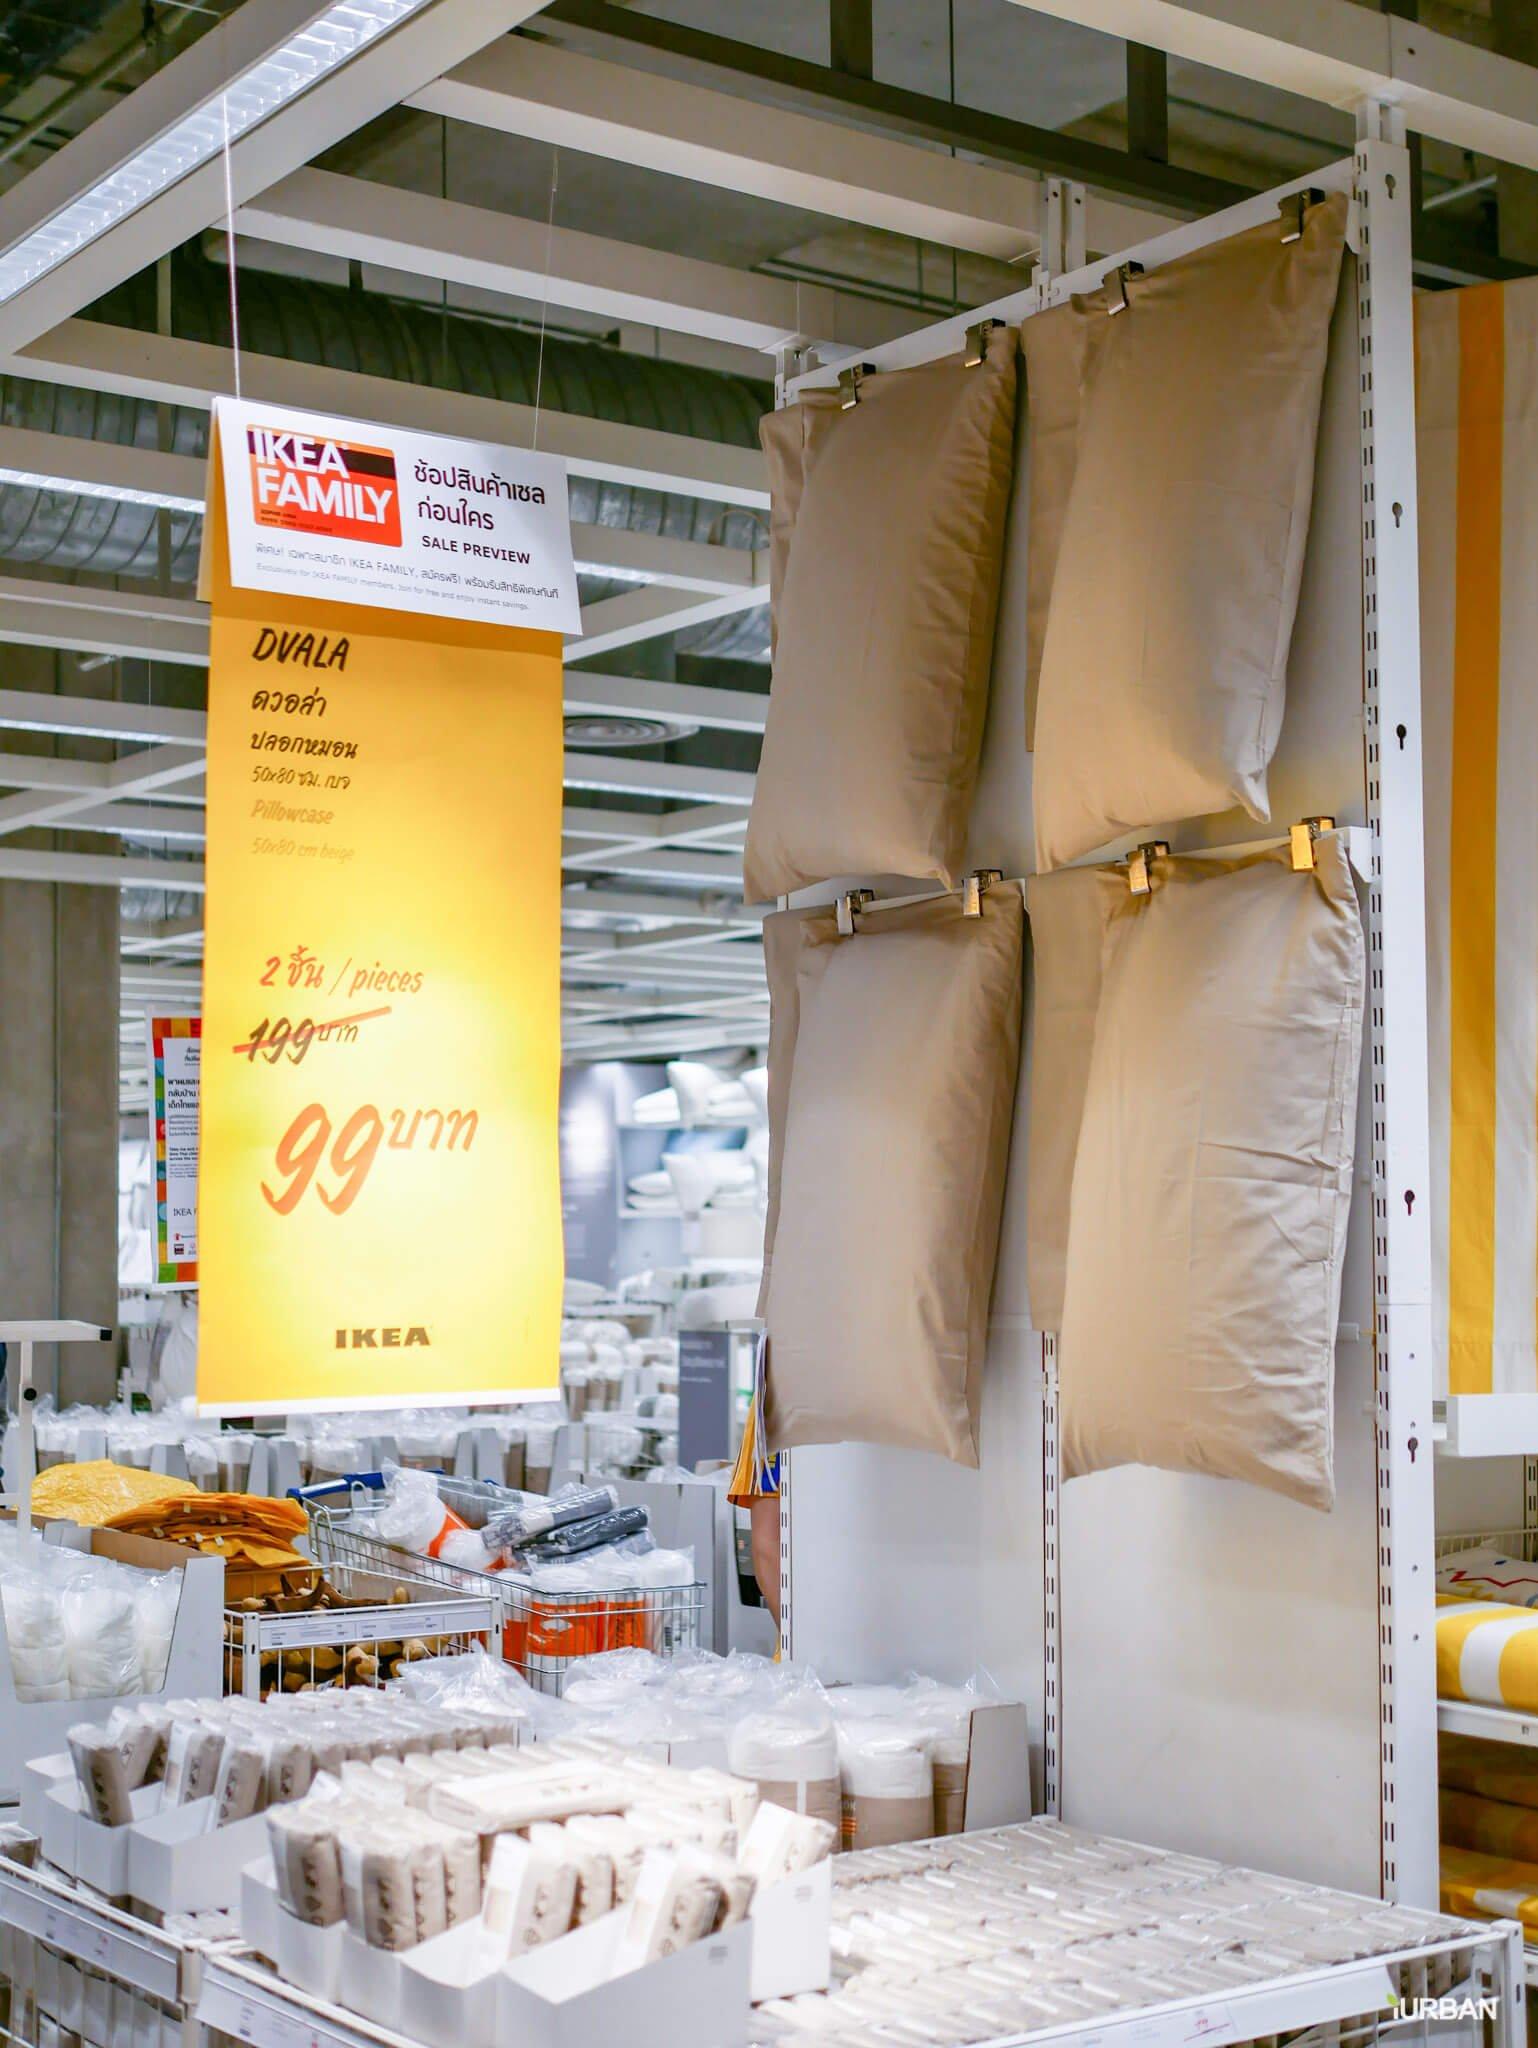 มันเยอะมากกกก!! IKEA Year End SALE 2017 รวมของเซลในอิเกีย ลดเยอะ ลดแหลก รีบพุ่งตัวไป วันนี้ - 7 มกราคม 61 153 - IKEA (อิเกีย)